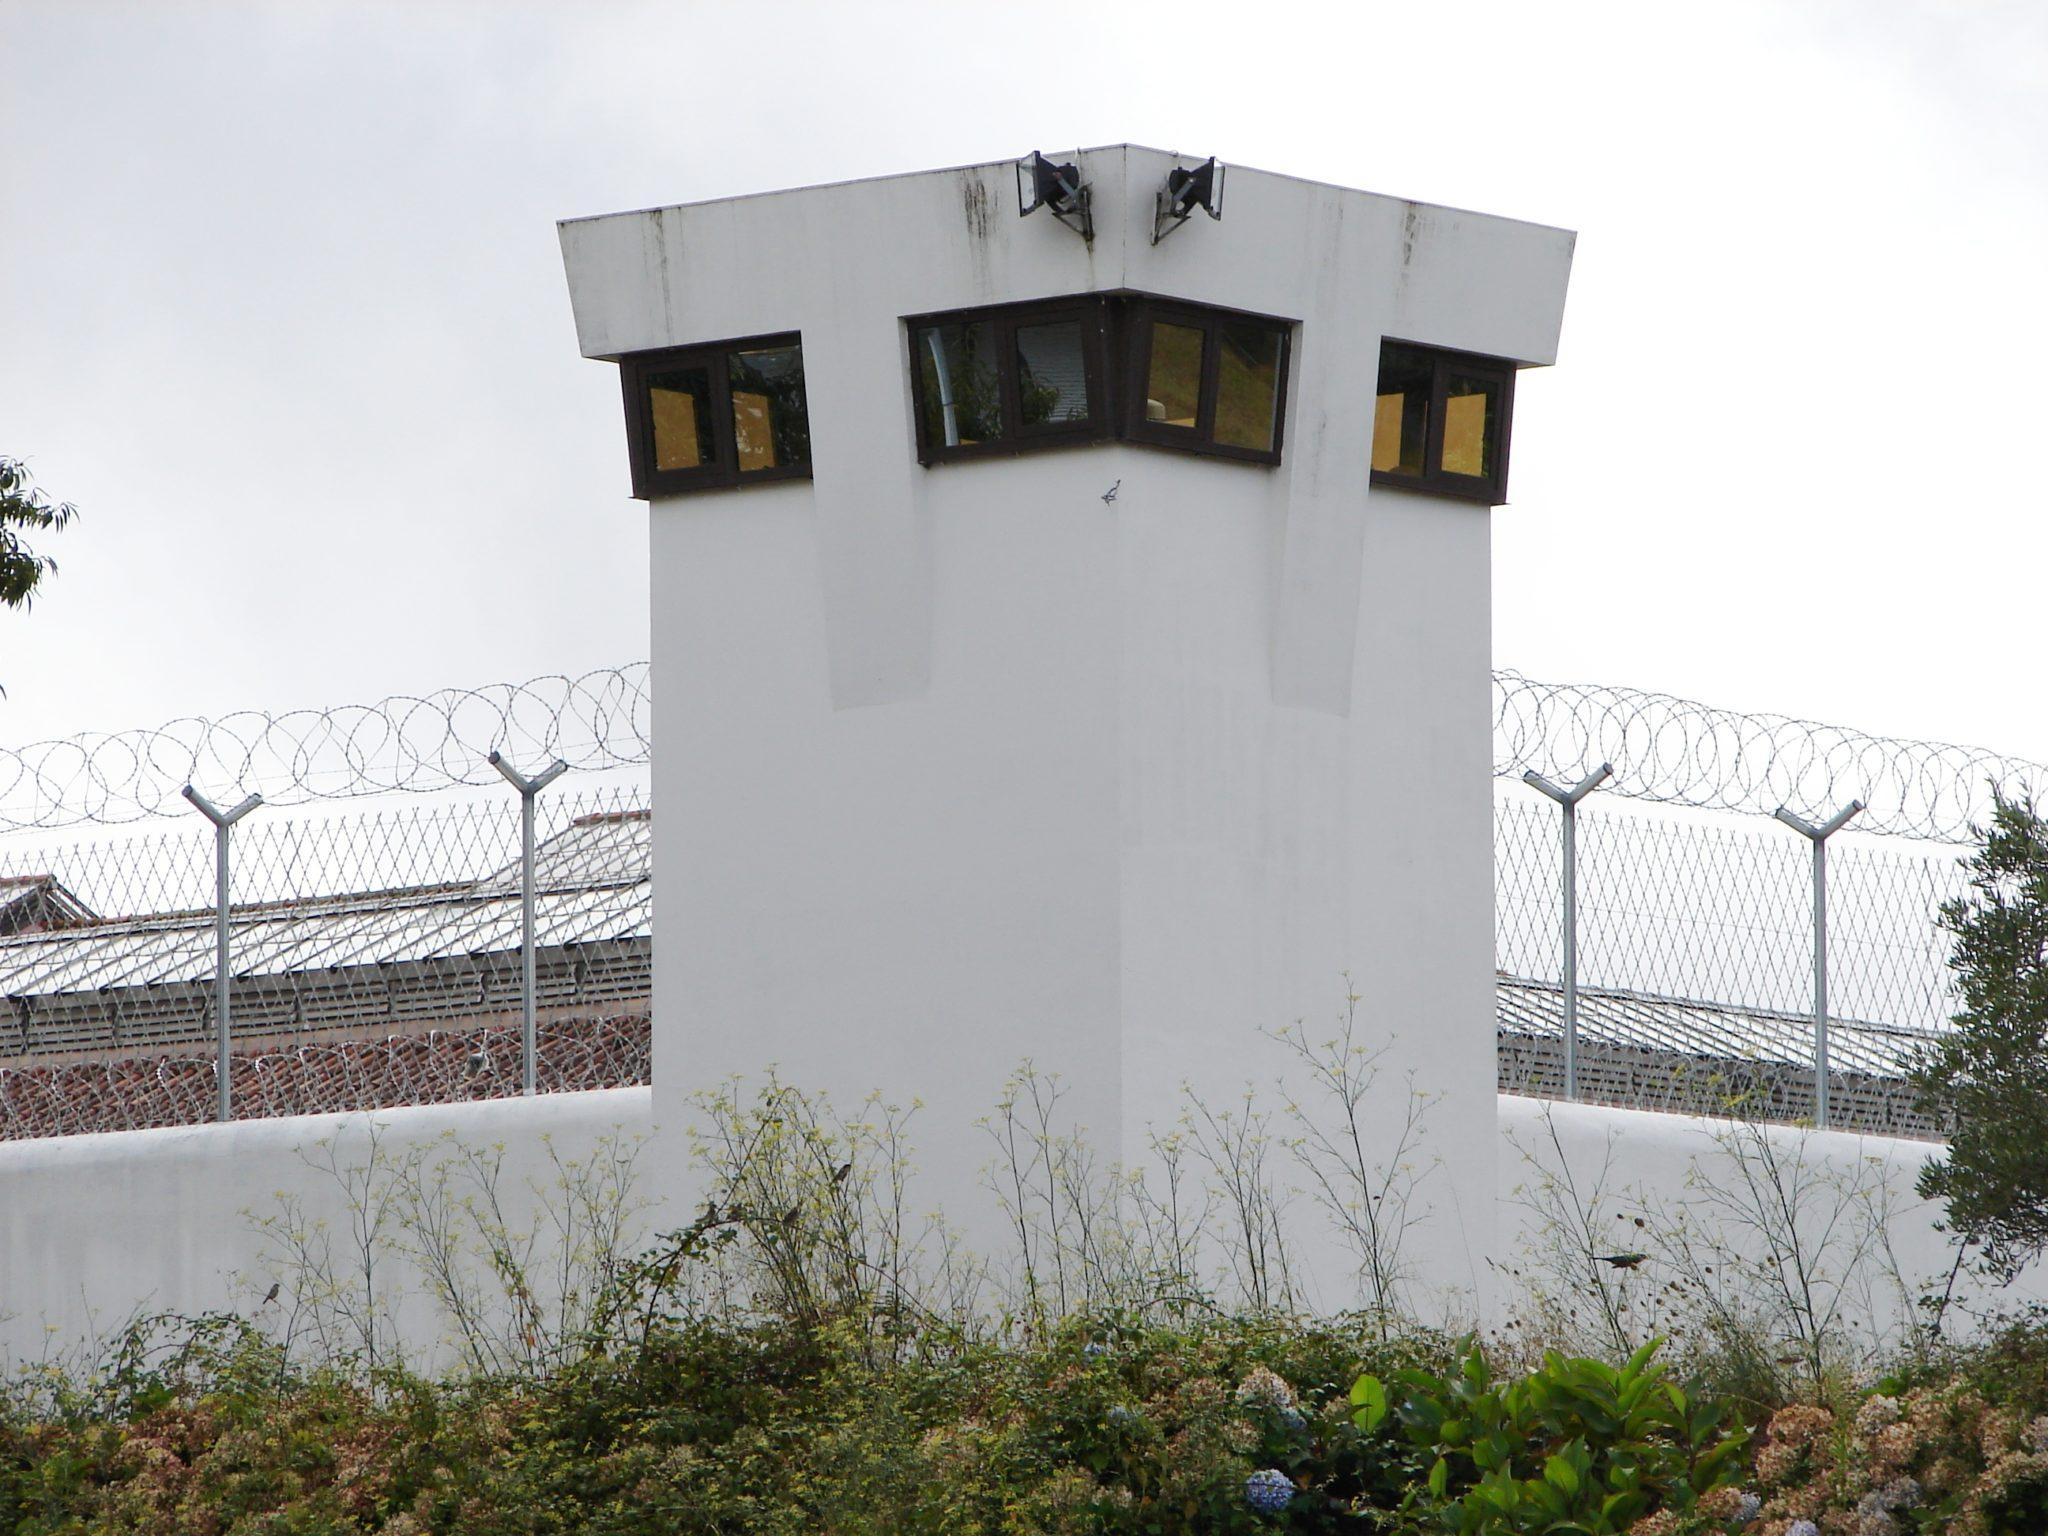 Paços De Ferreira: Jornalista Leva Cinema à Prisão De Paços De Ferreira